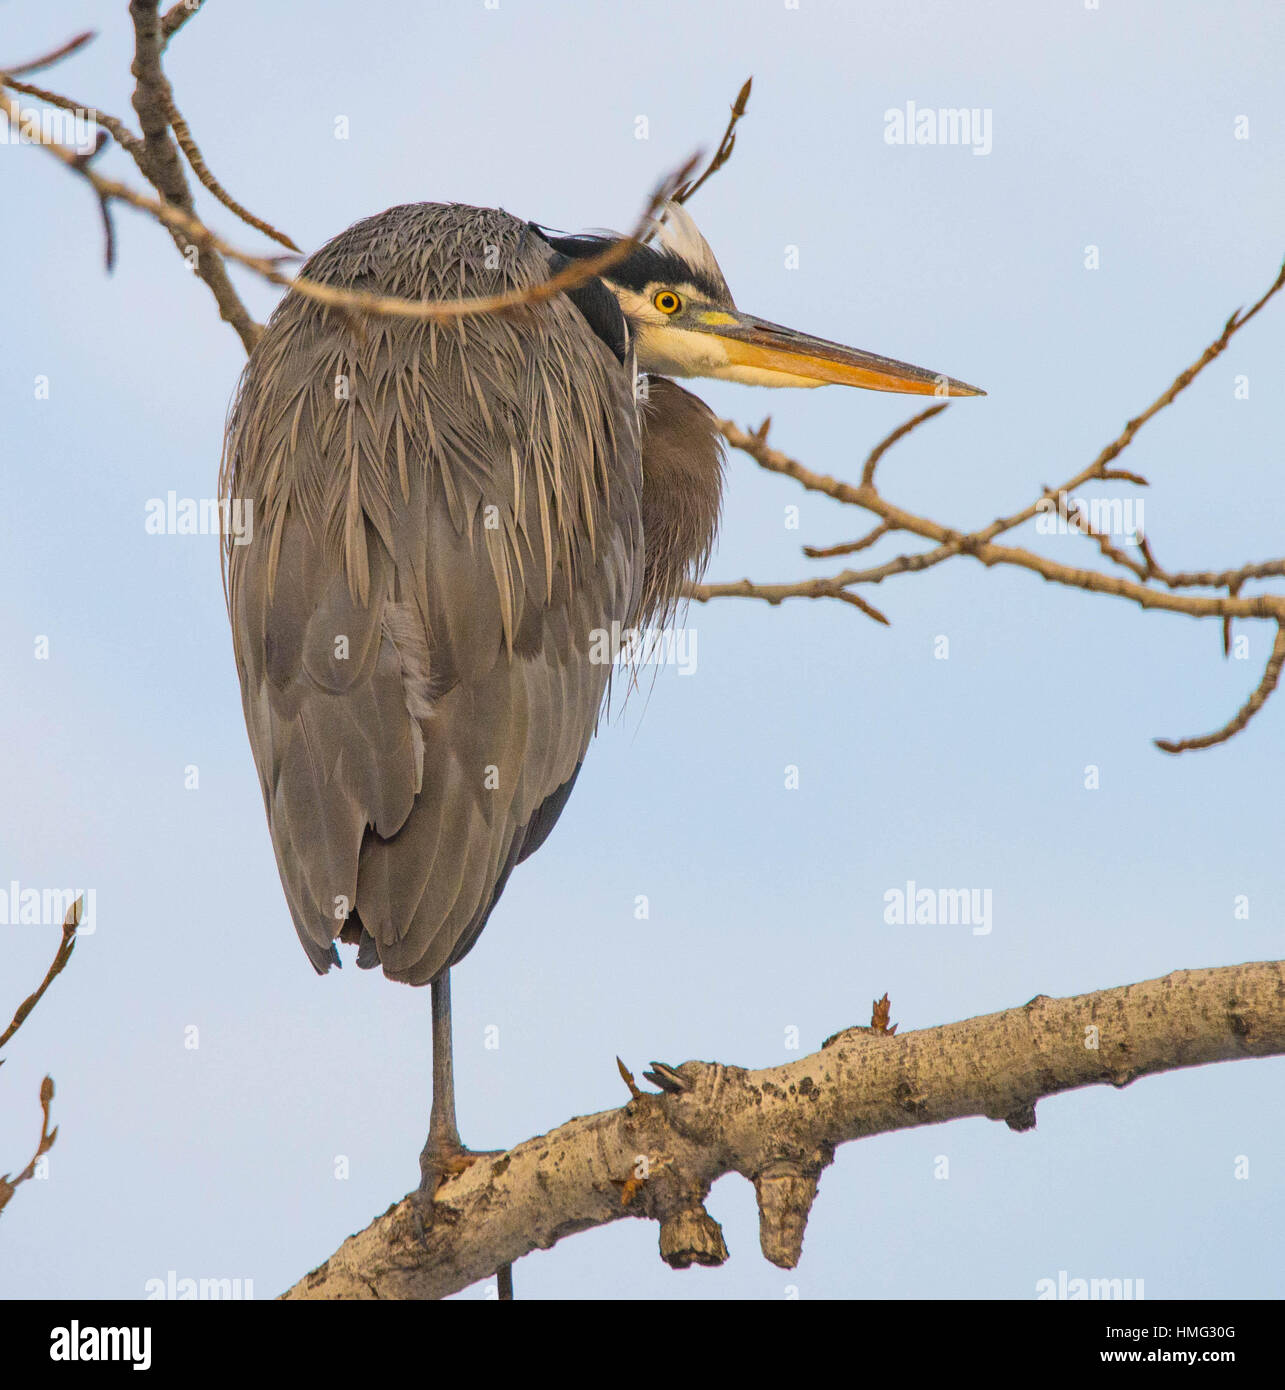 Uccelli, airone blu arroccato su di un lembo di albero in inverno. Idaho, Stati Uniti d'America Immagini Stock